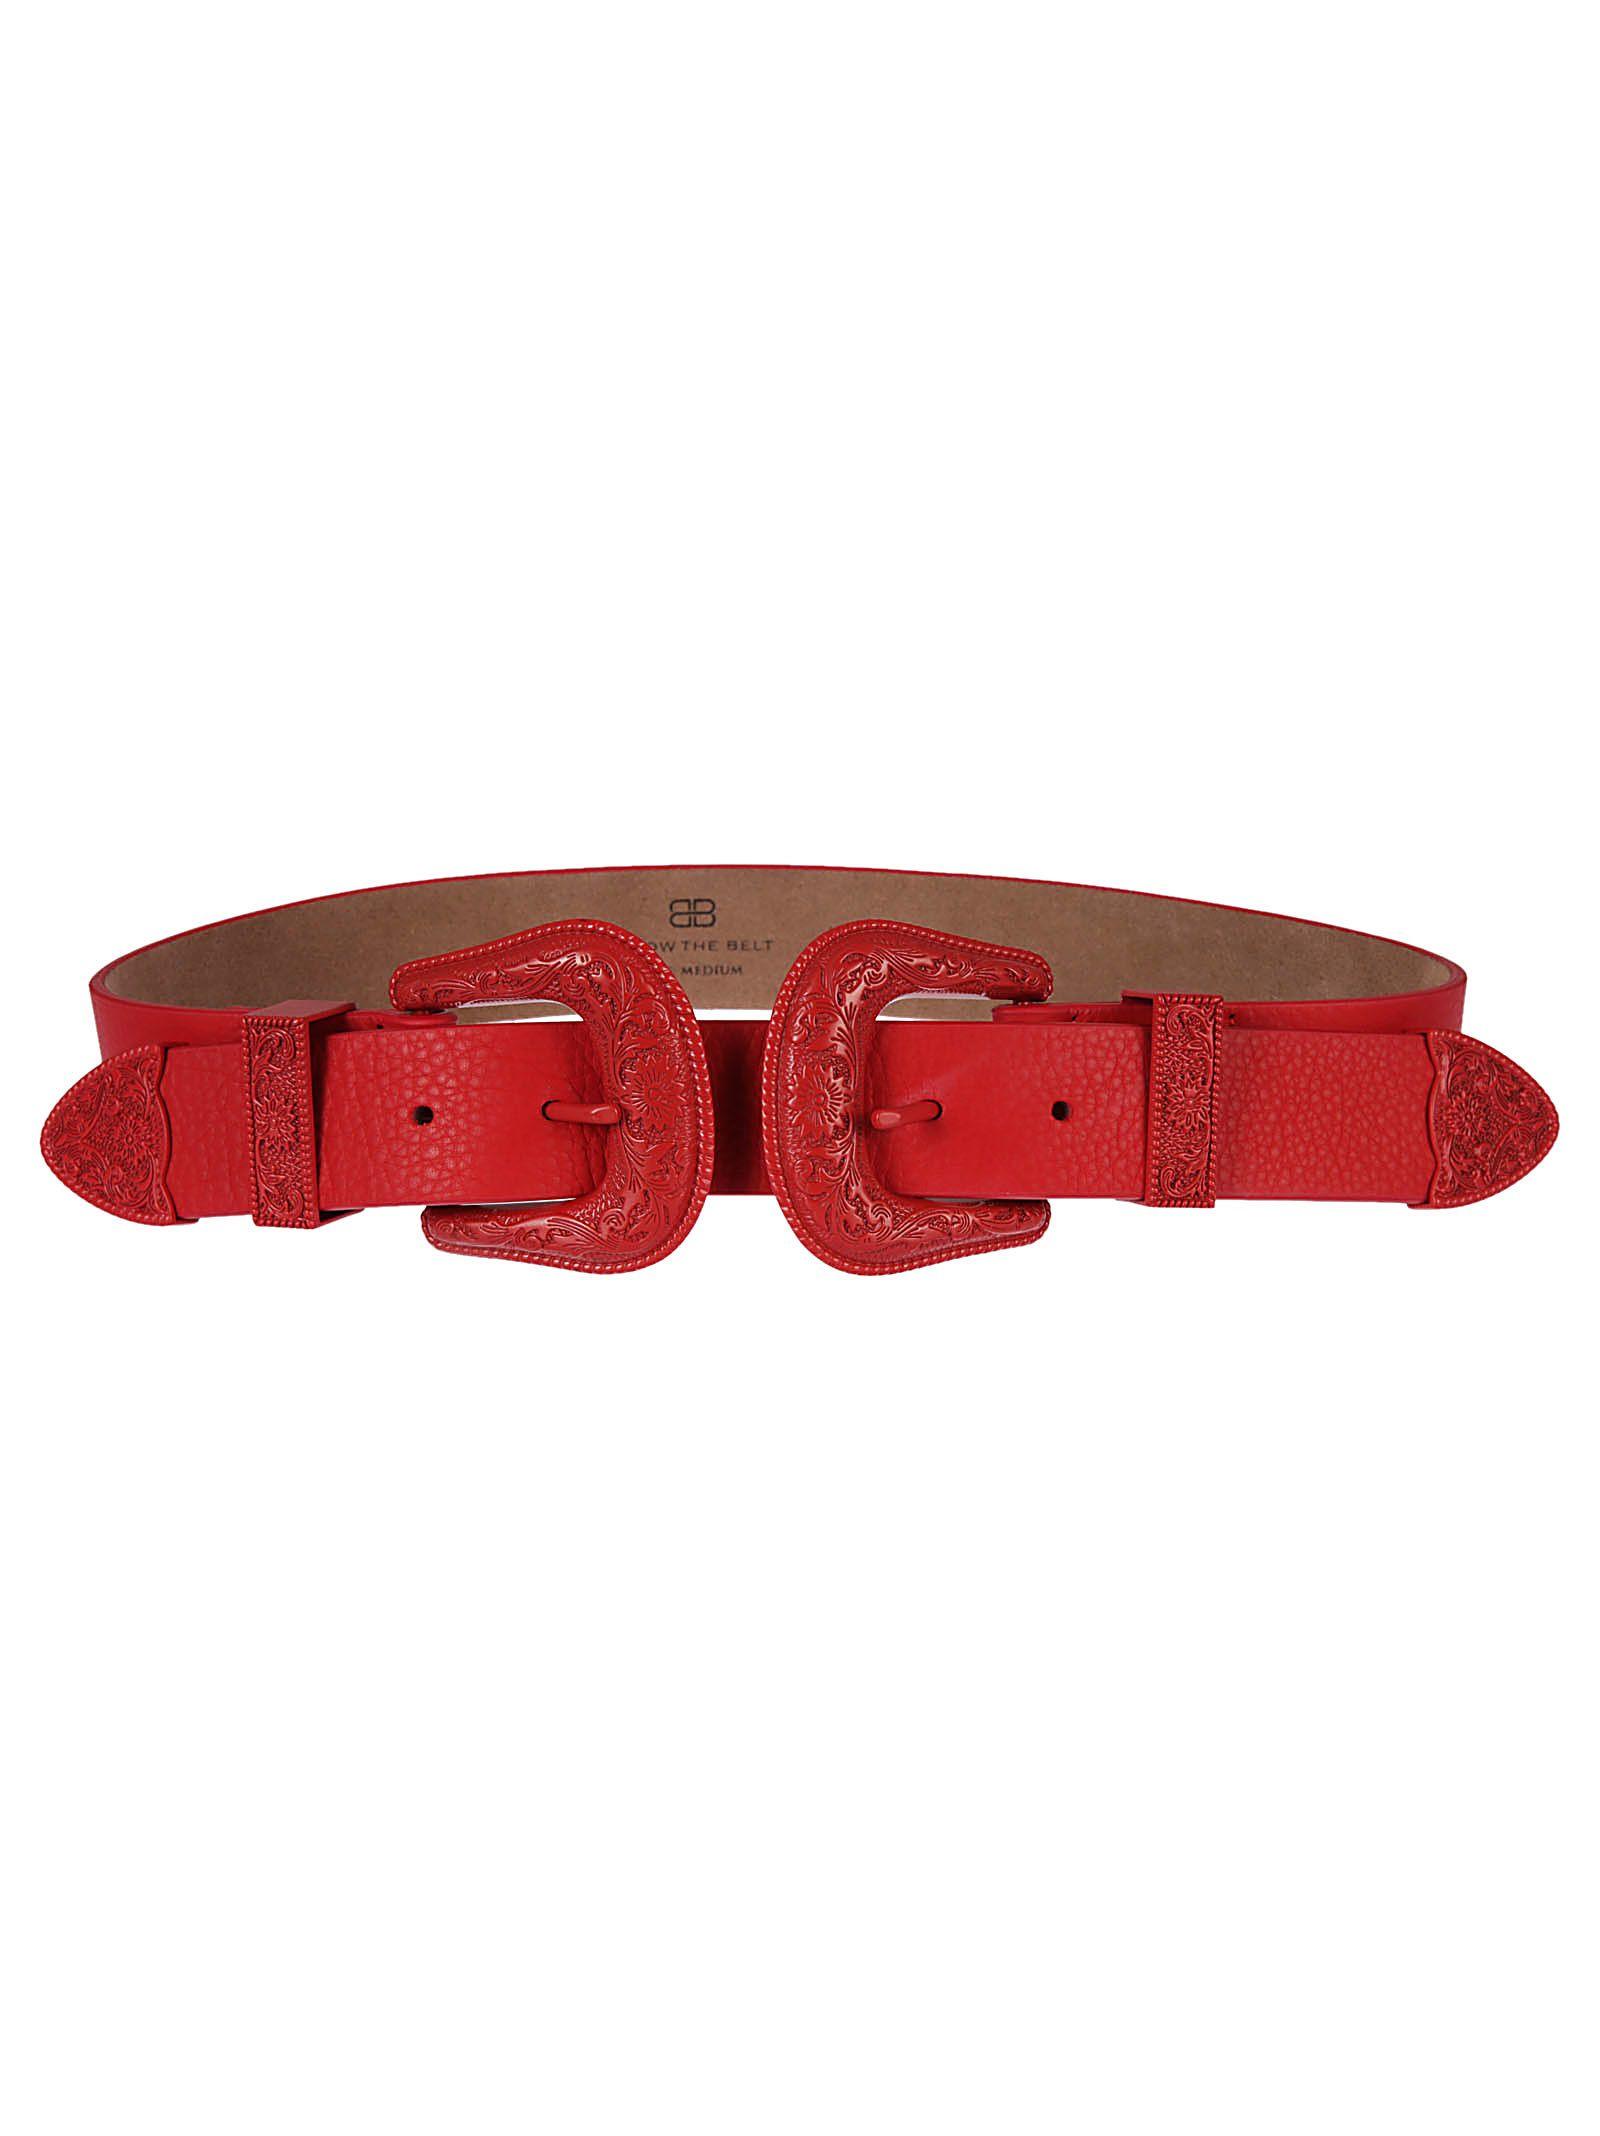 B-low The Belt B Low The Belt Double Buckle Belt